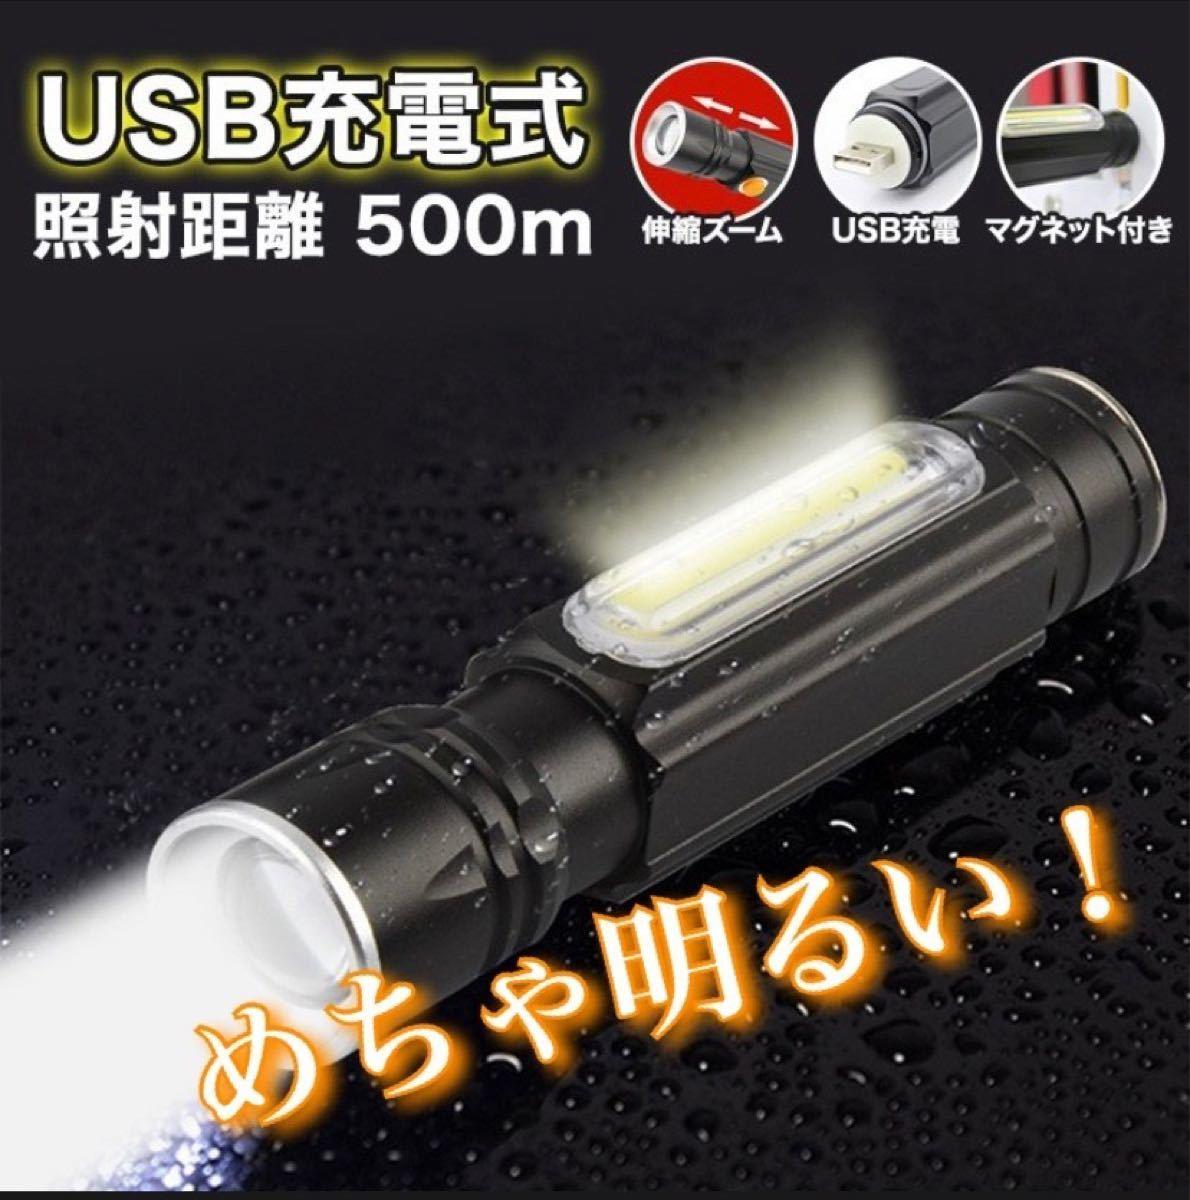 懐中電灯 ハンディライト 高輝度 作業灯 USB 充電式 LED懐中電灯